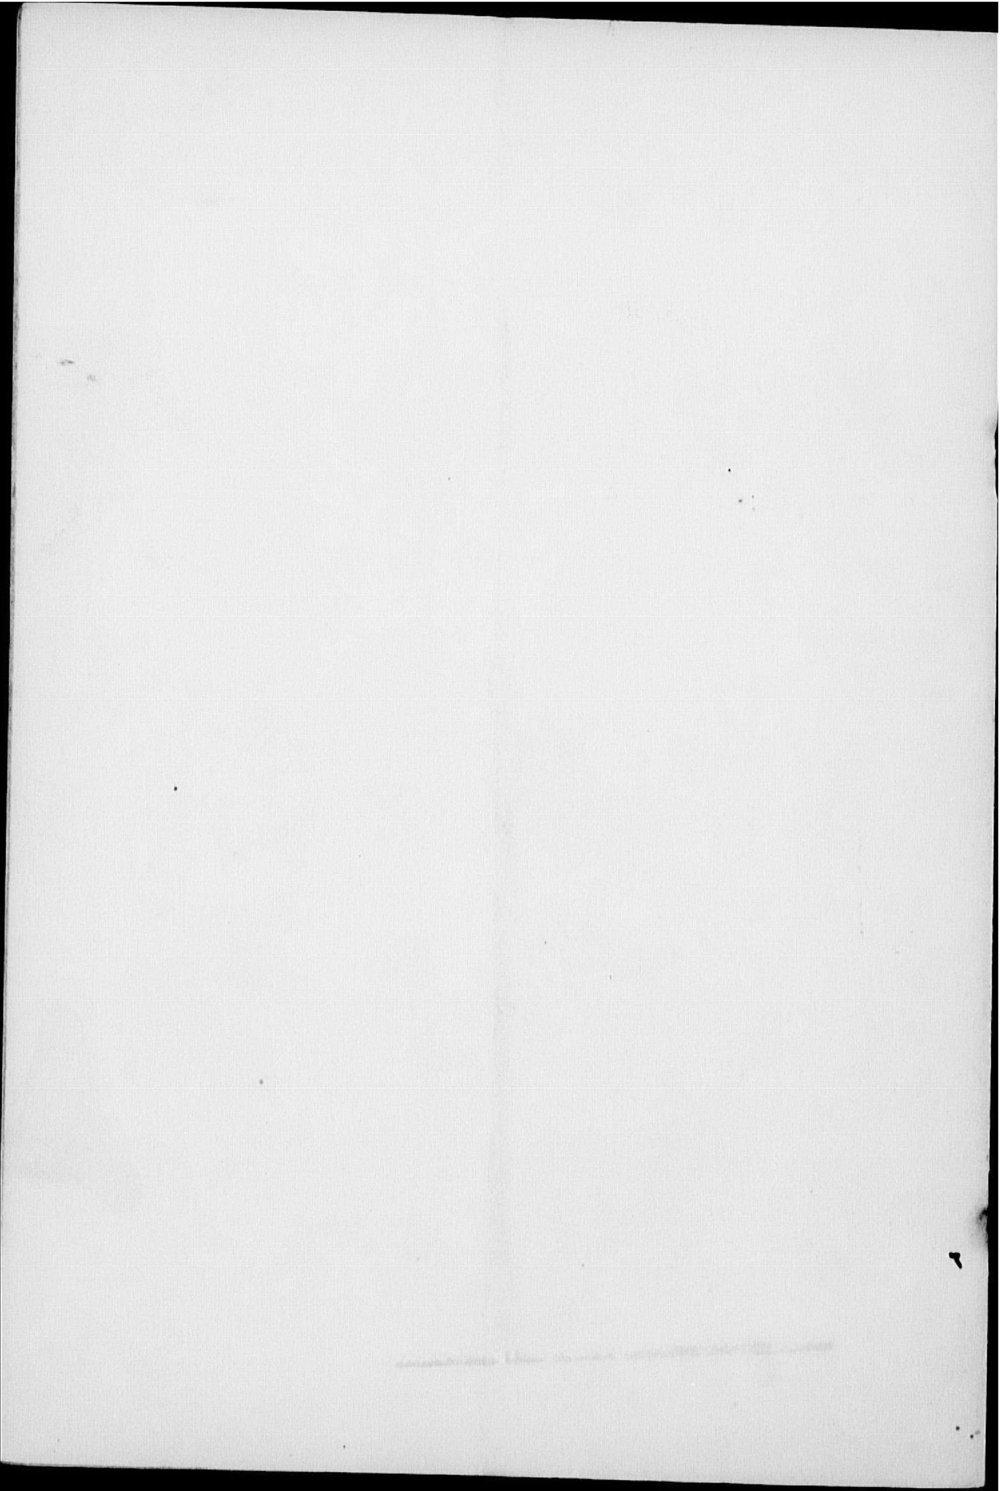 The Kansas Star, volume 58, number 3 - Back